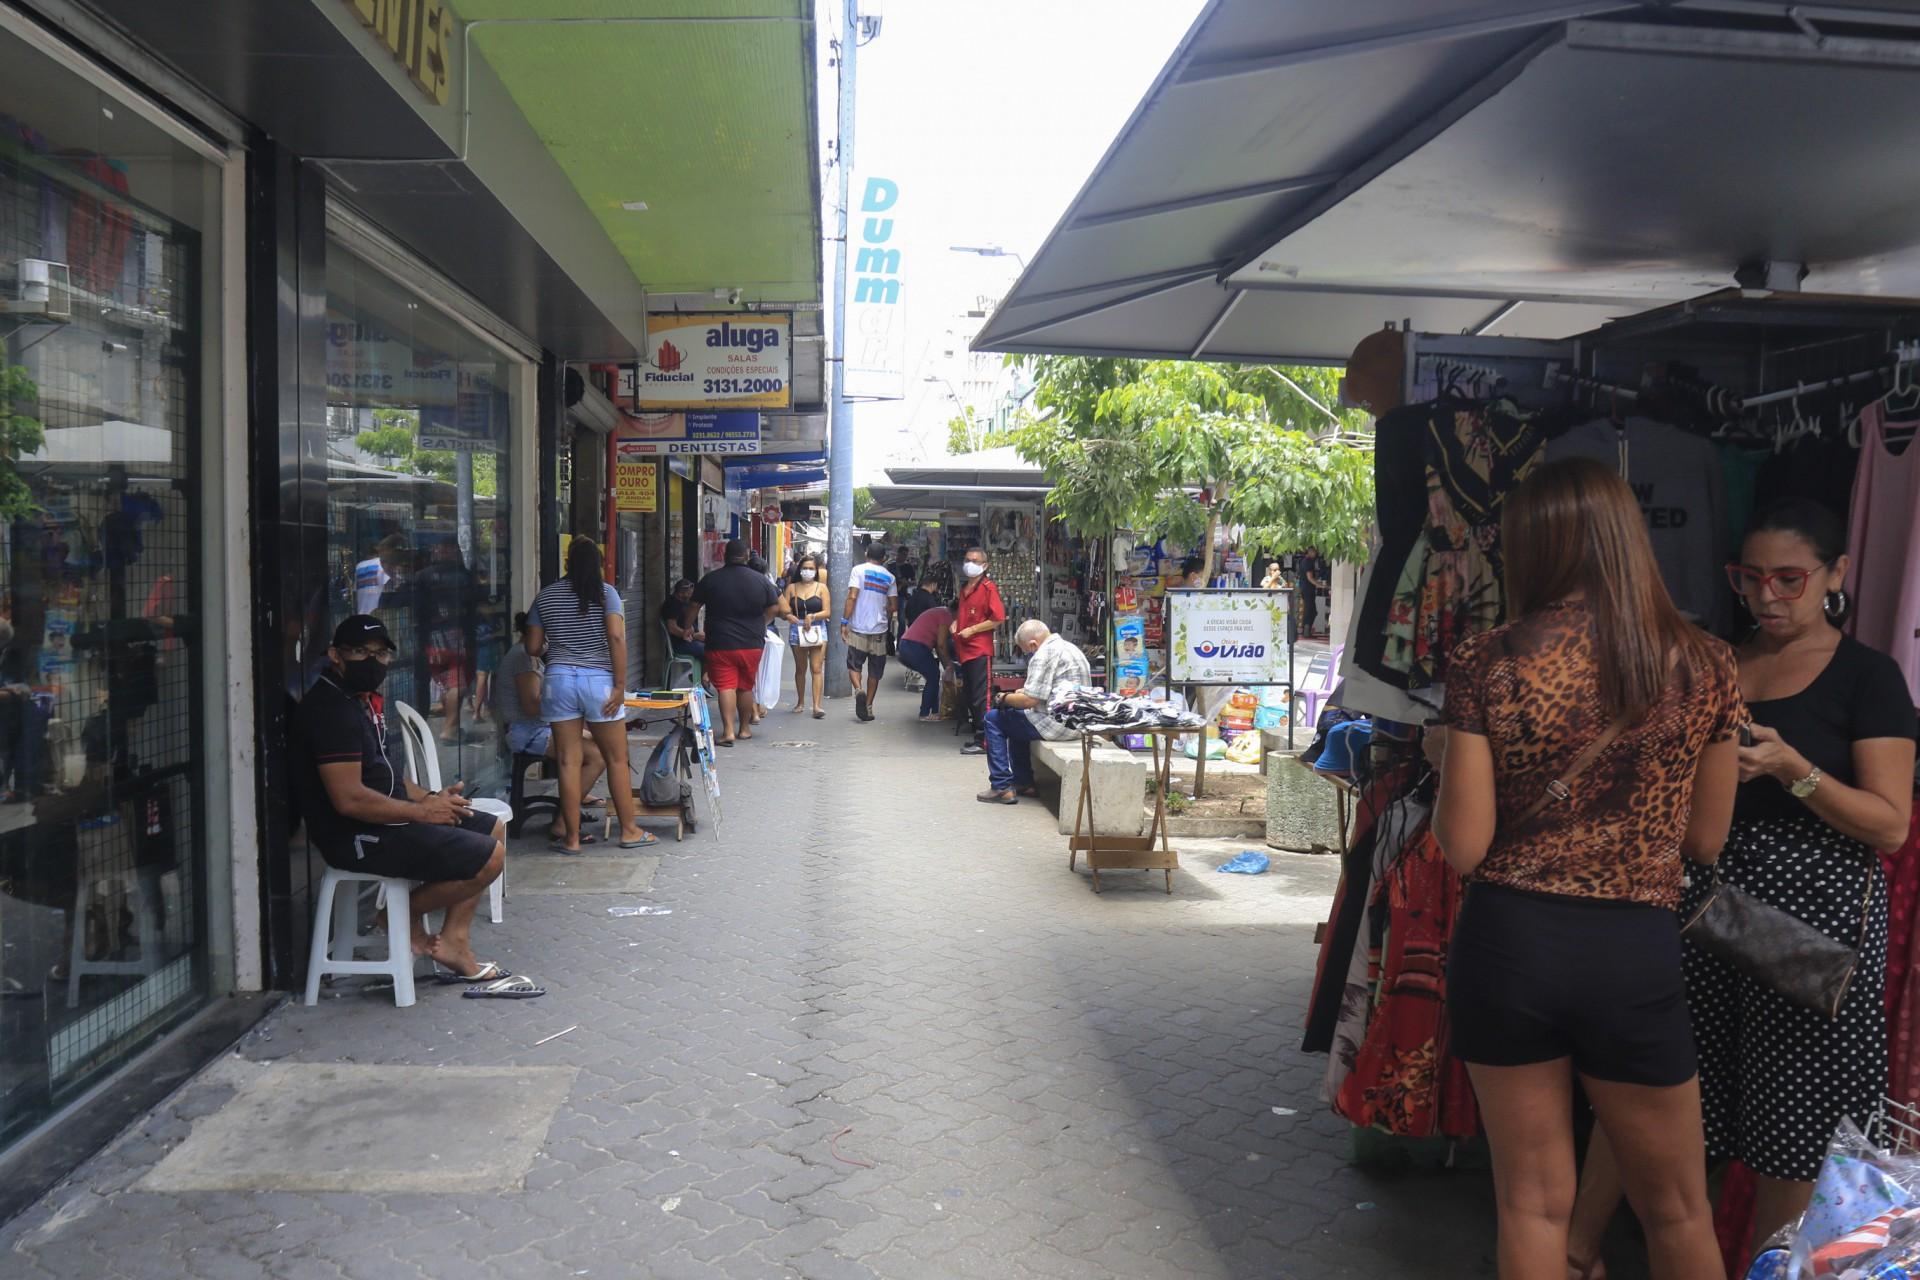 Movimentação do comércio no Centro de Fortaleza. Pontos fechados e poucos consumidores